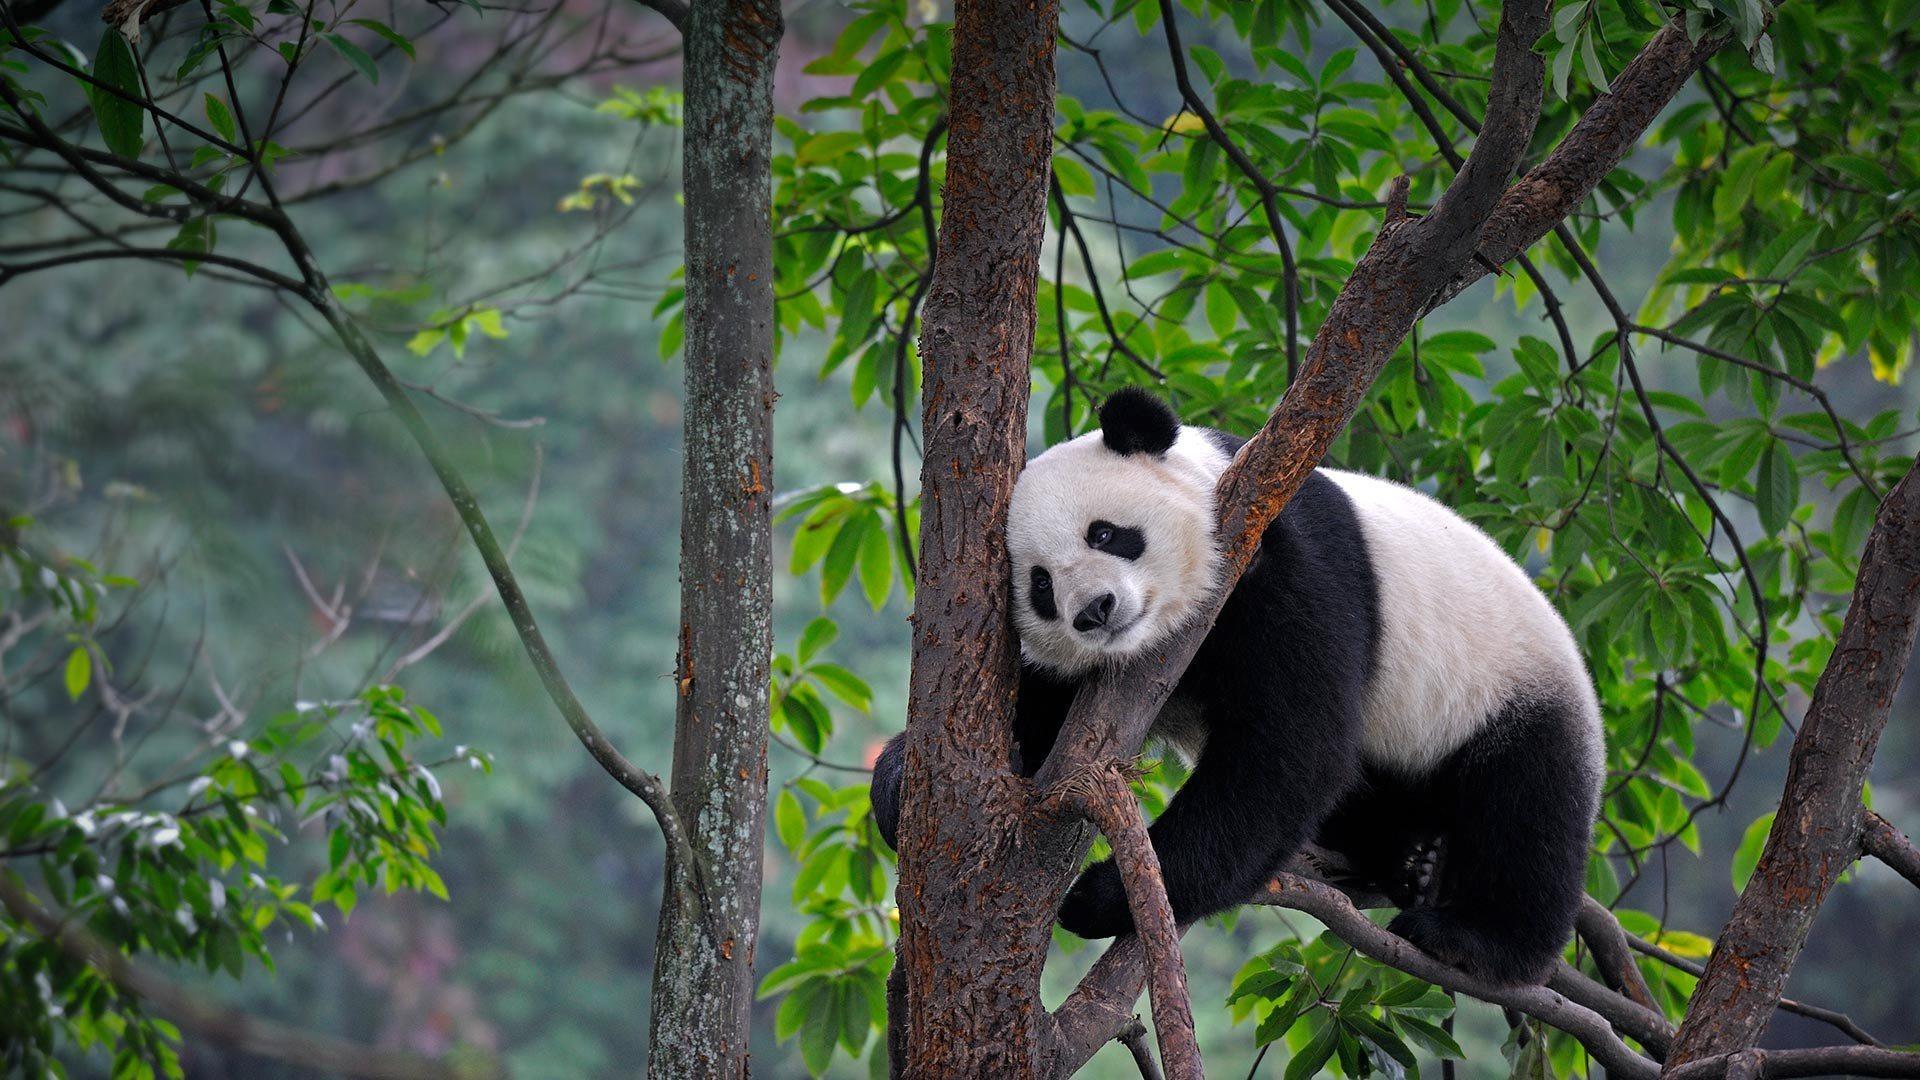 Большие панды смогли определить пол сородича по голосу с десяти метров